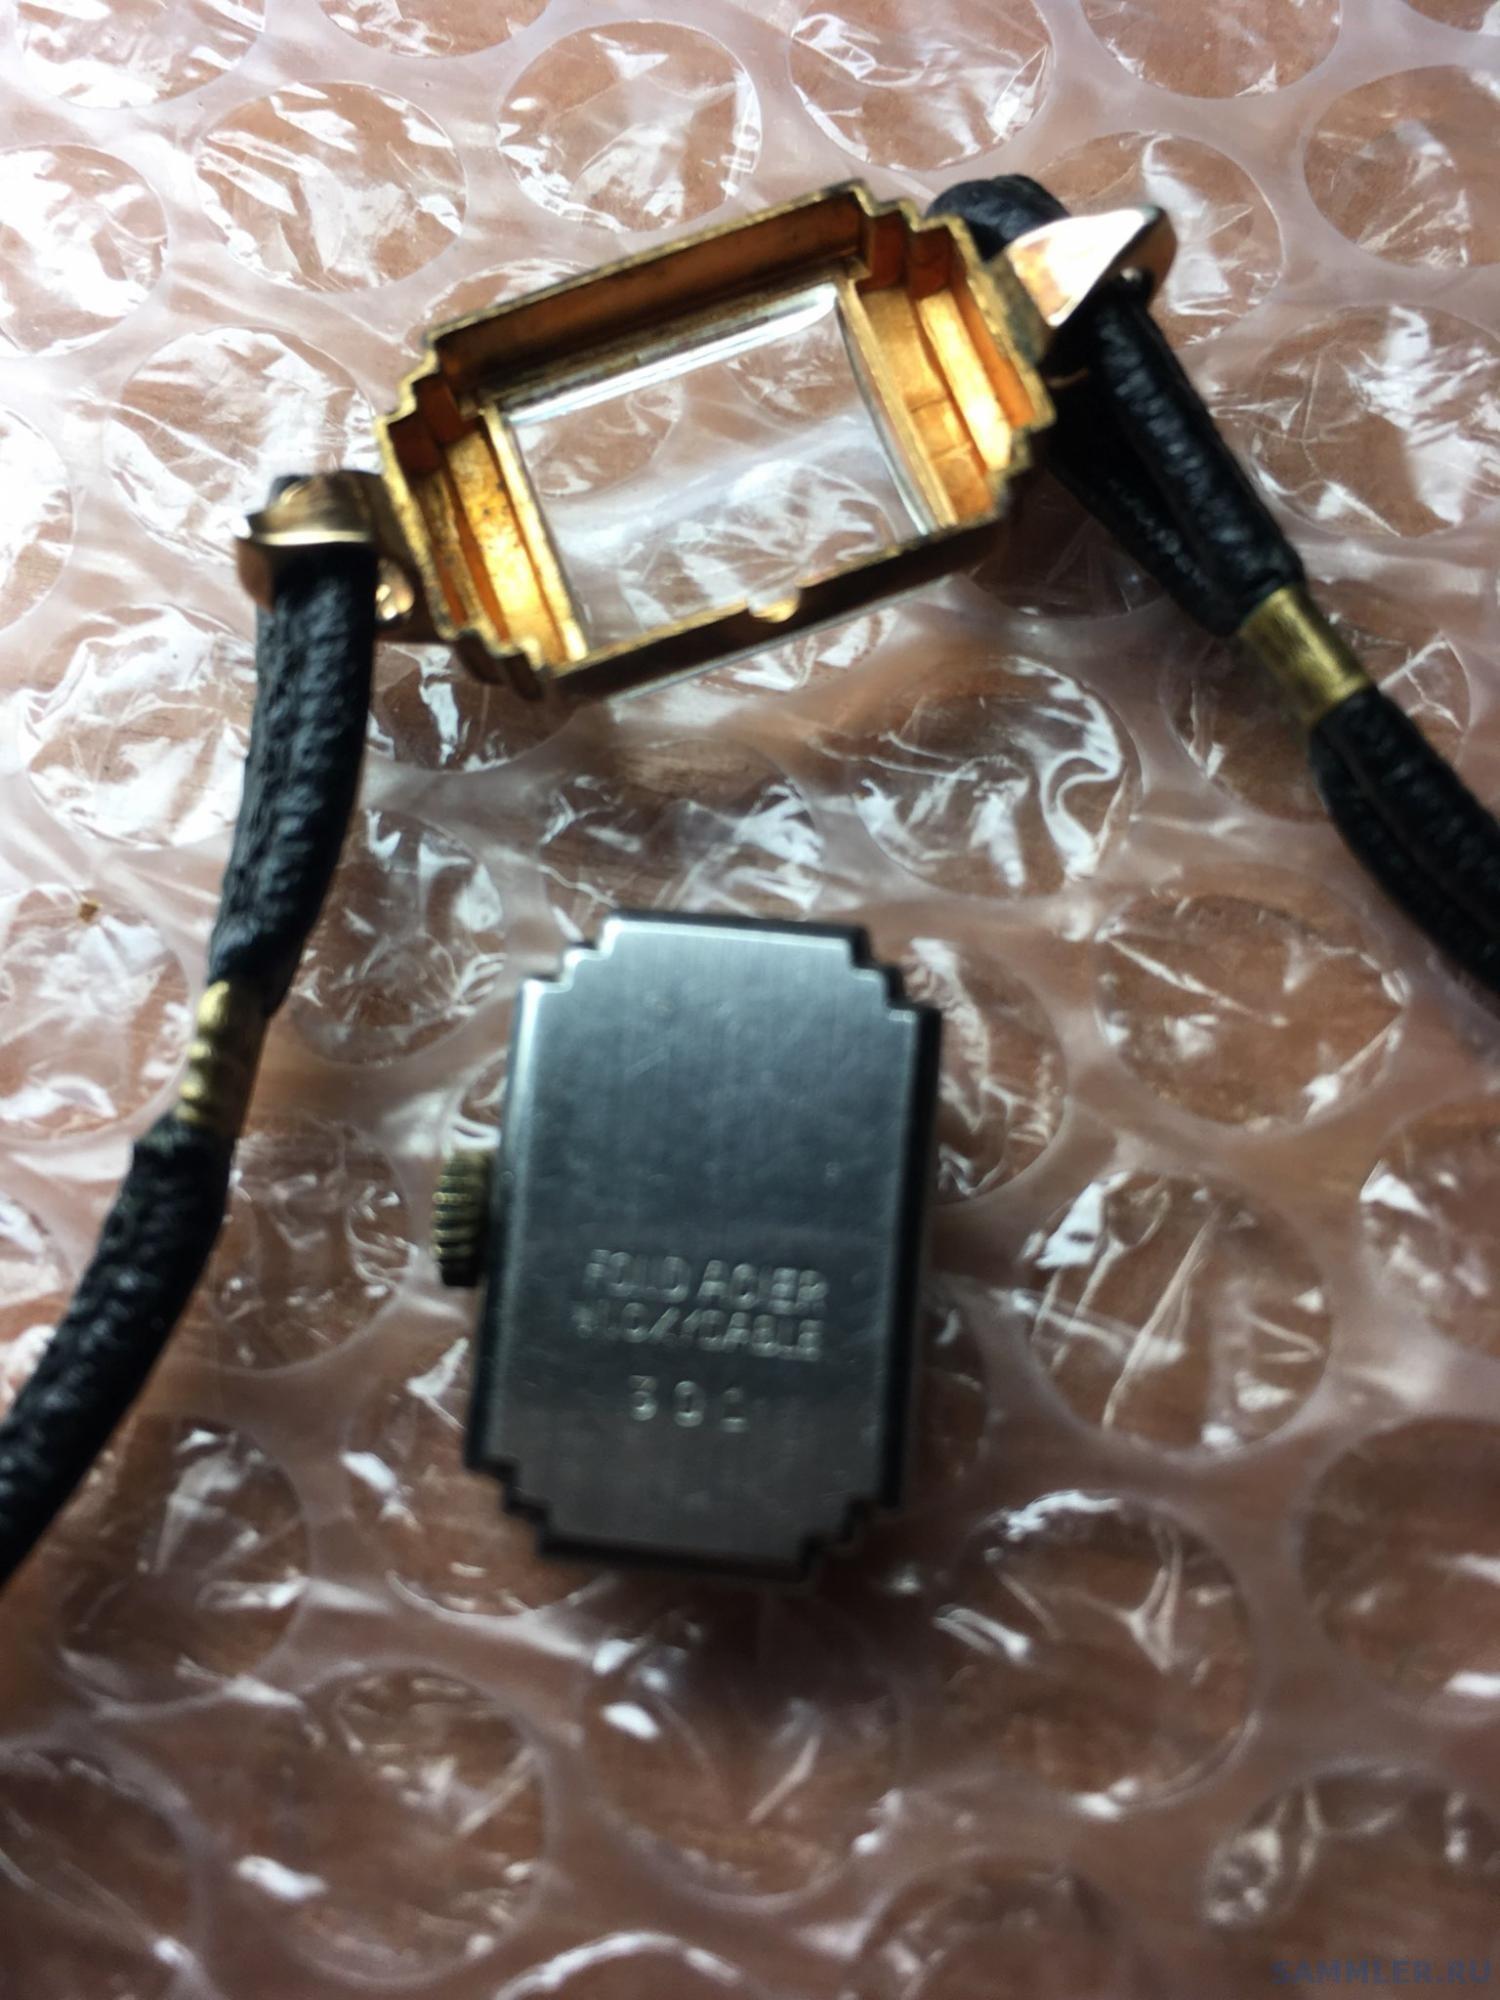 CBF19D0B-6AE6-4B4D-832F-91308FC88F28.jpg